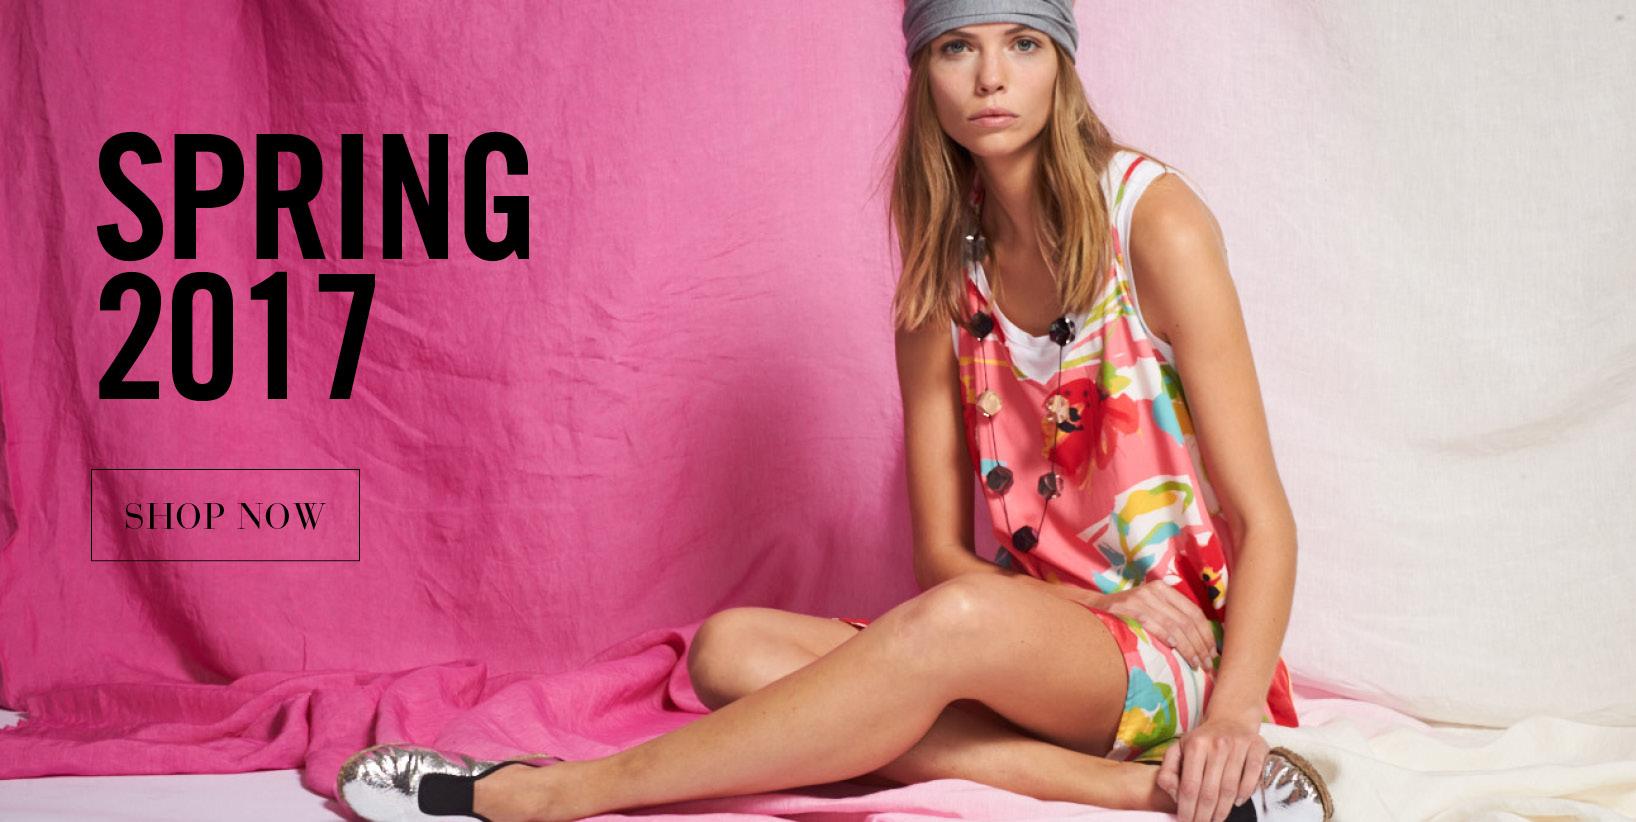 Josie Spring 17 Lookbook